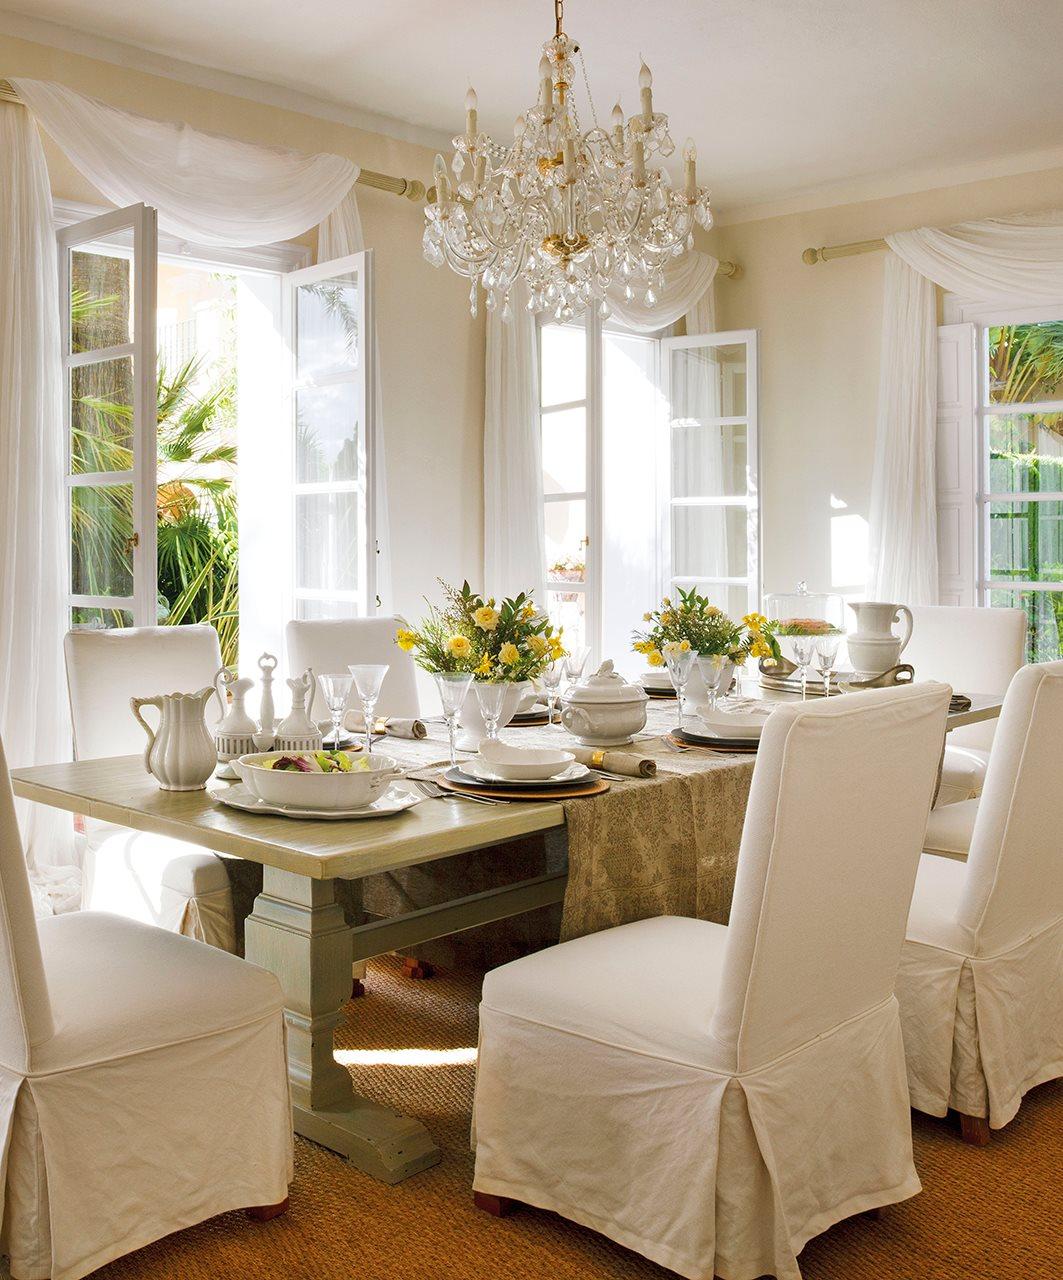 Ideas para decorar con telas - Telas para forrar muebles ...